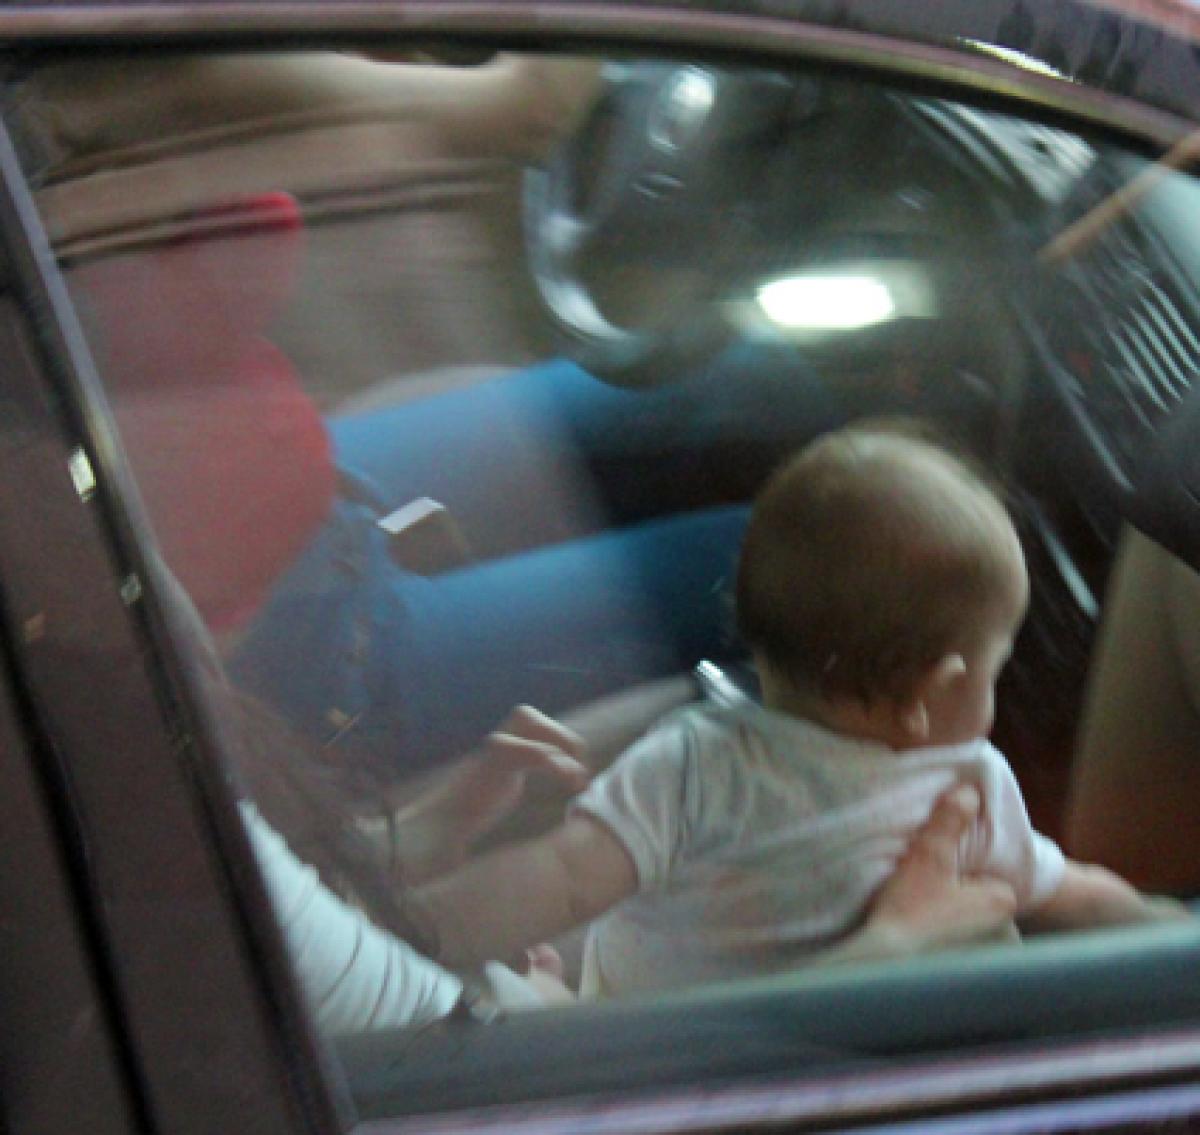 Πηγαίνουν βόλτα το παιδί μου χύμα στο αυτοκίνητο ΧΩΡΙΣ ΝΑ ΜΕ ΡΩΤΗΣΟΥΝ!